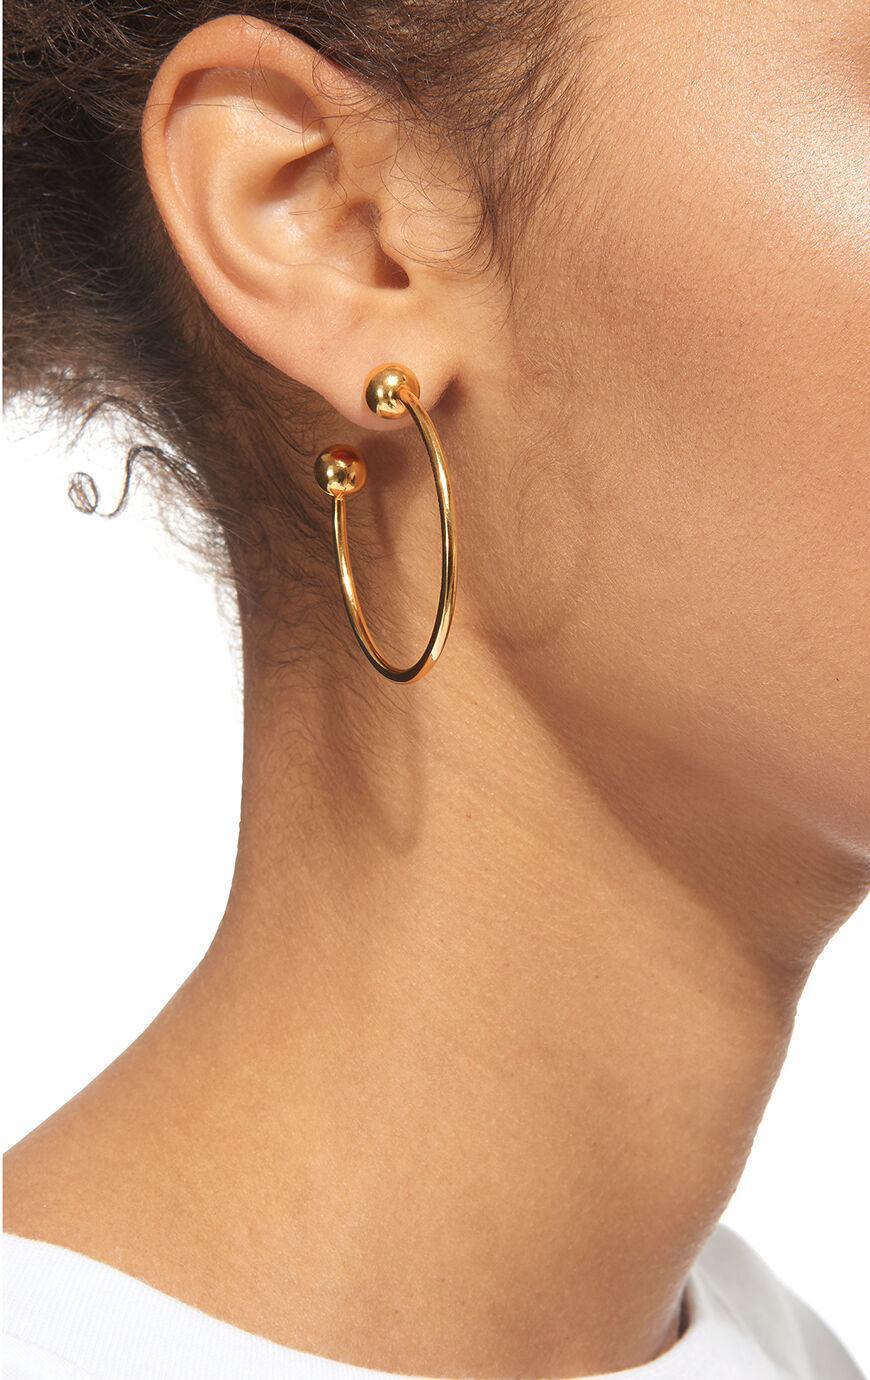 Whistles Large Pierced Hoop Earring in Gold (Metallic)